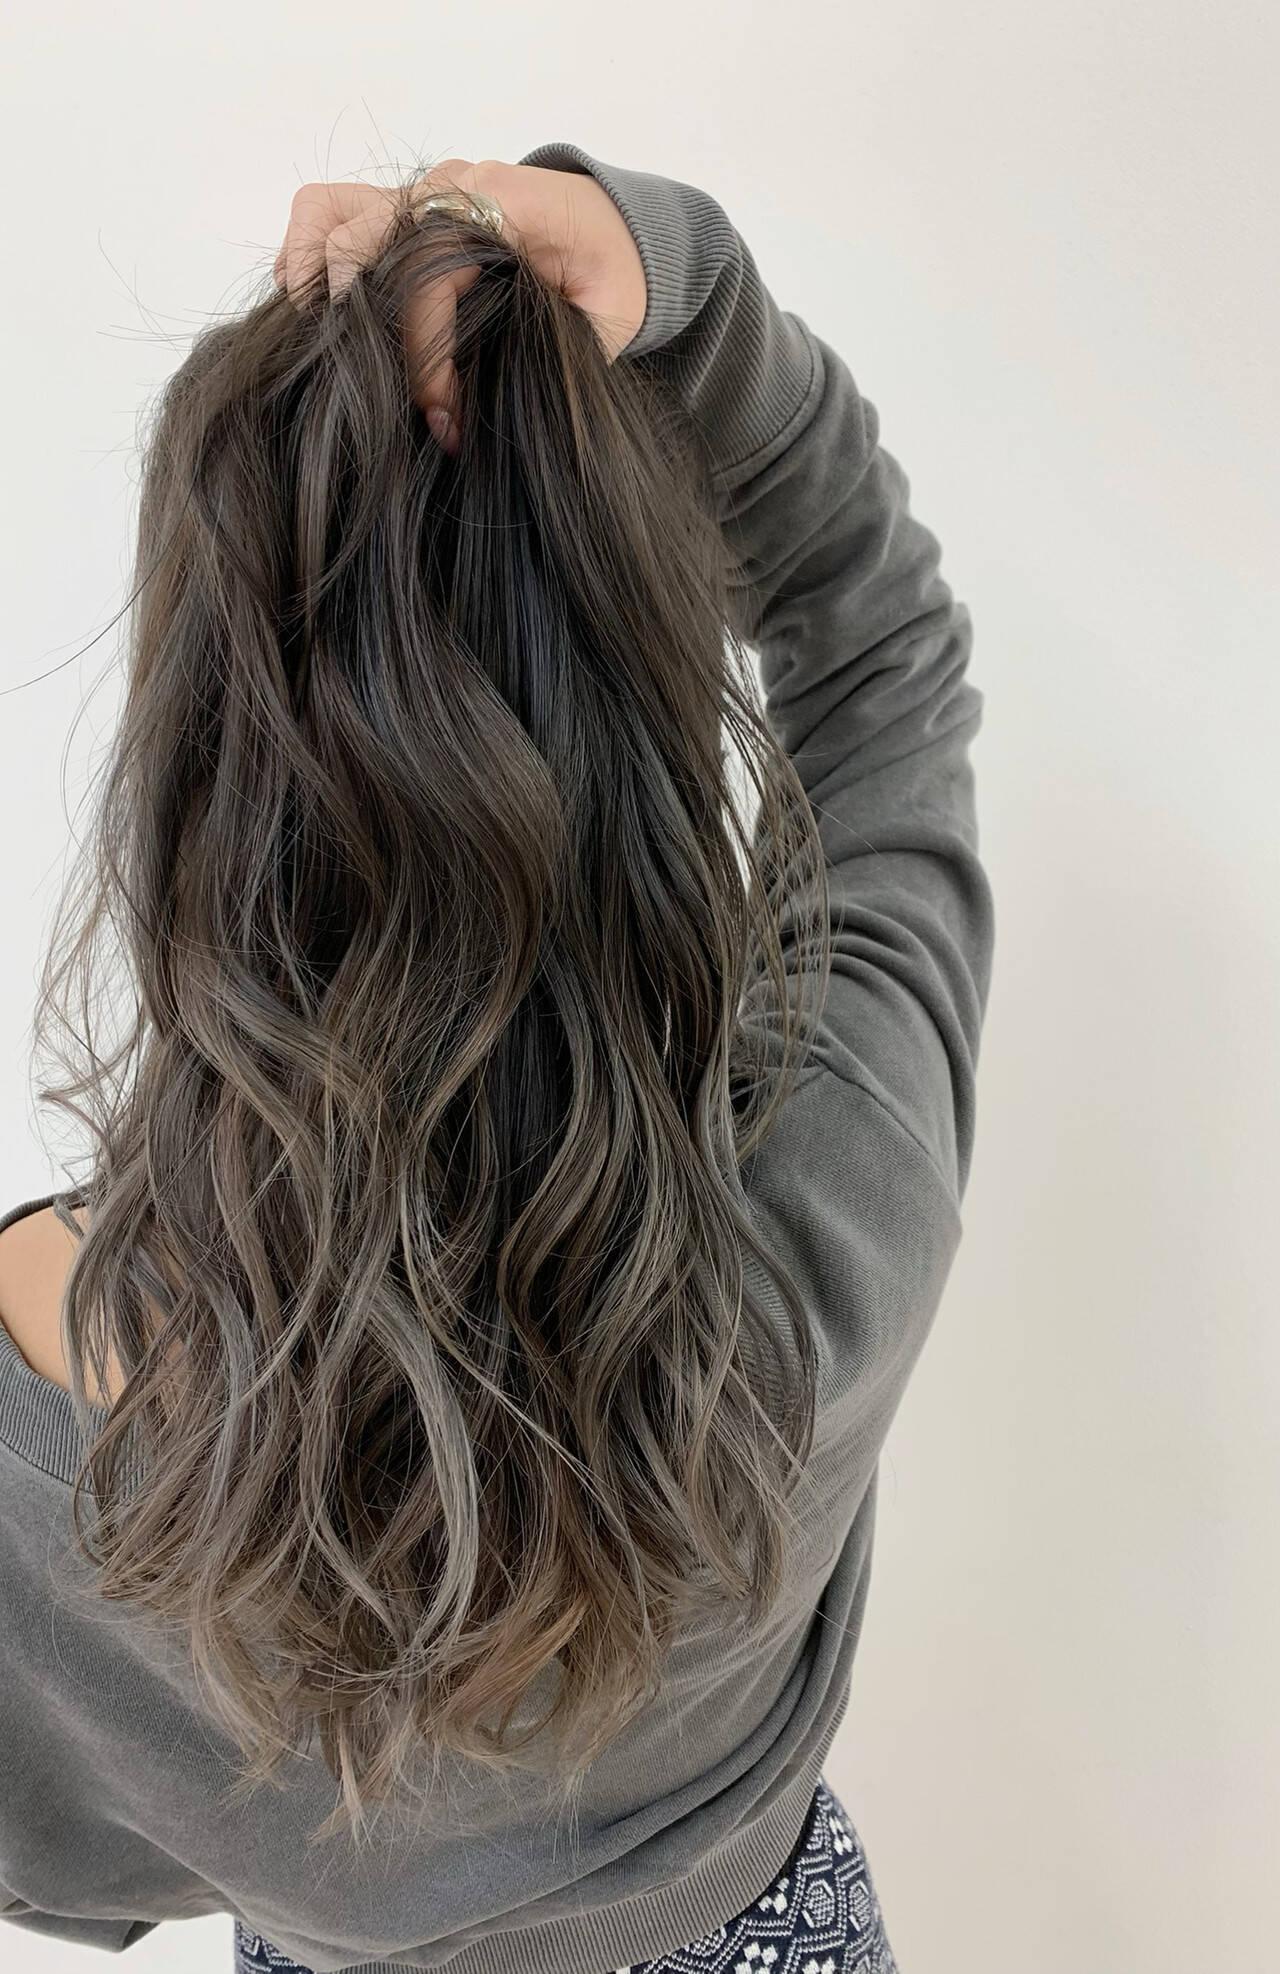 グレージュ ホワイトグレージュ 外国人風カラー ミルクティーグレージュヘアスタイルや髪型の写真・画像